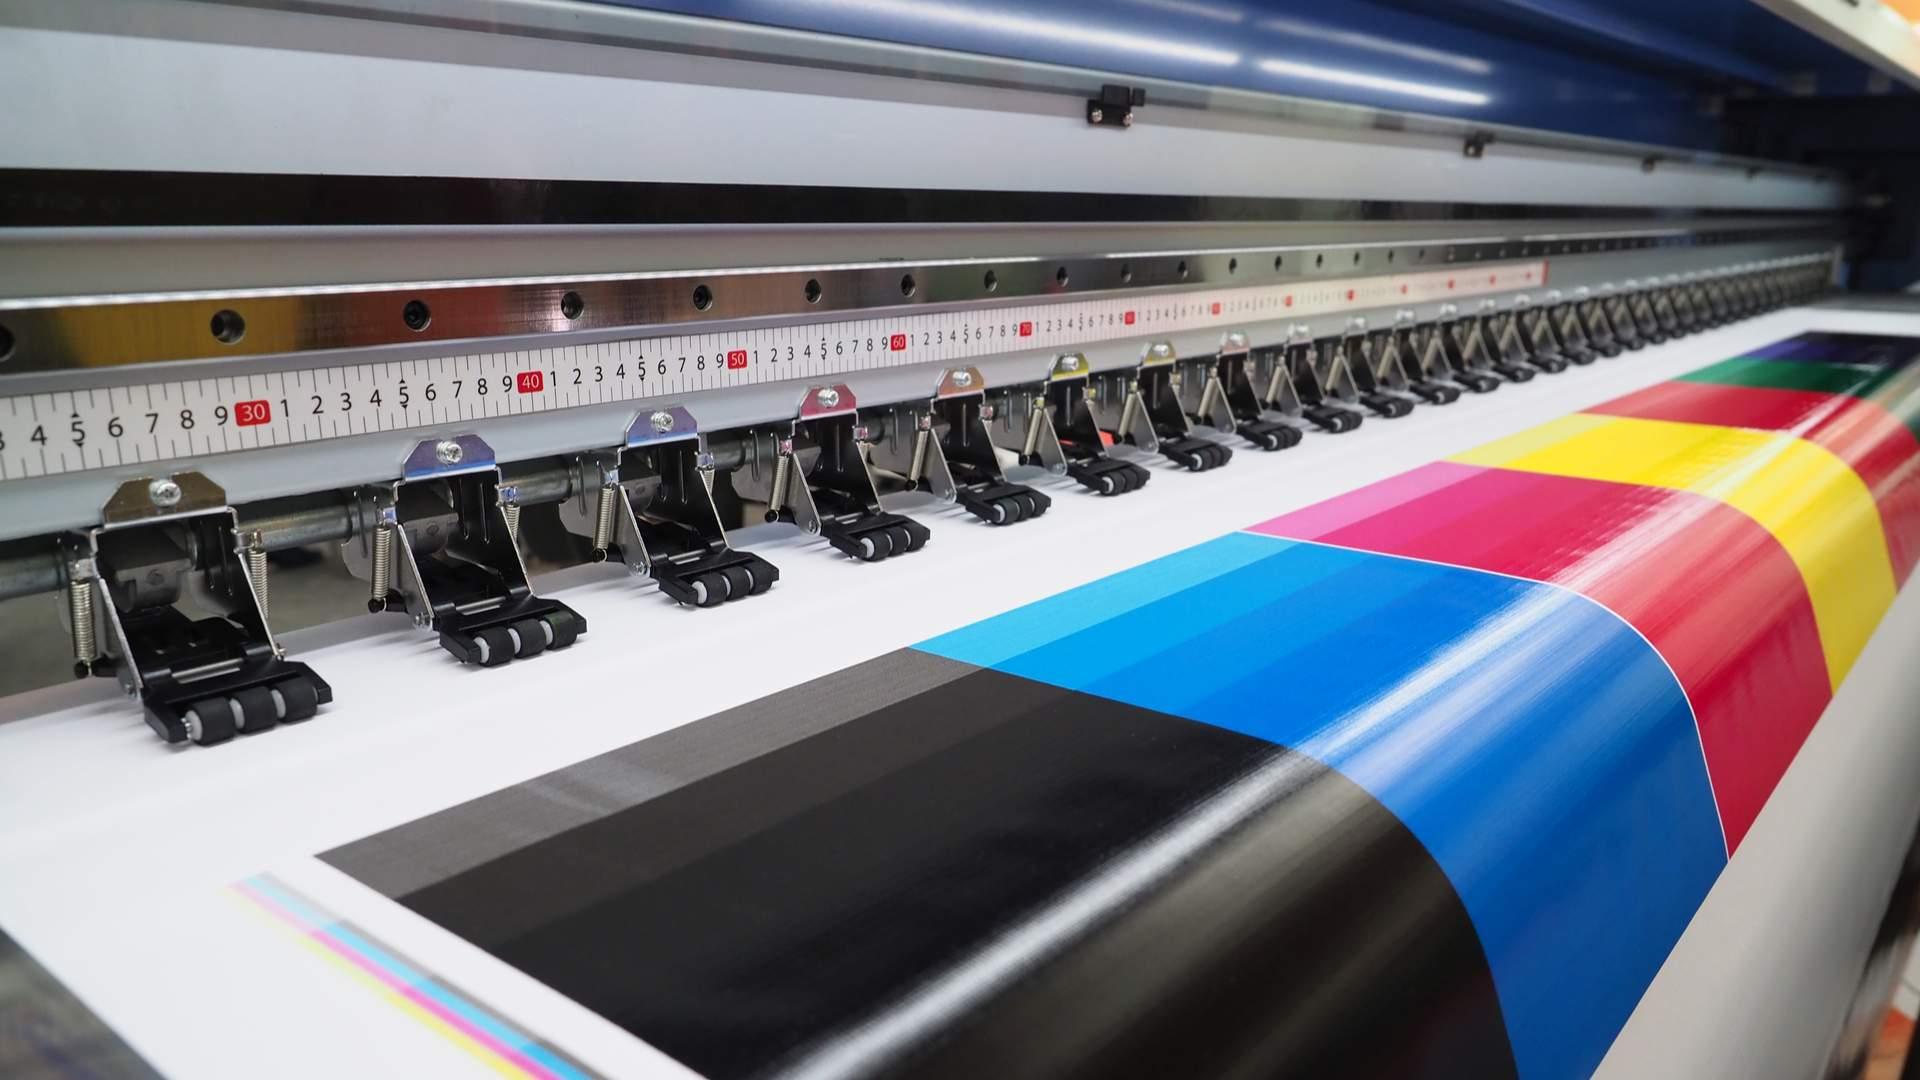 Foto de impressora plotter em meio a um serviço de impressão